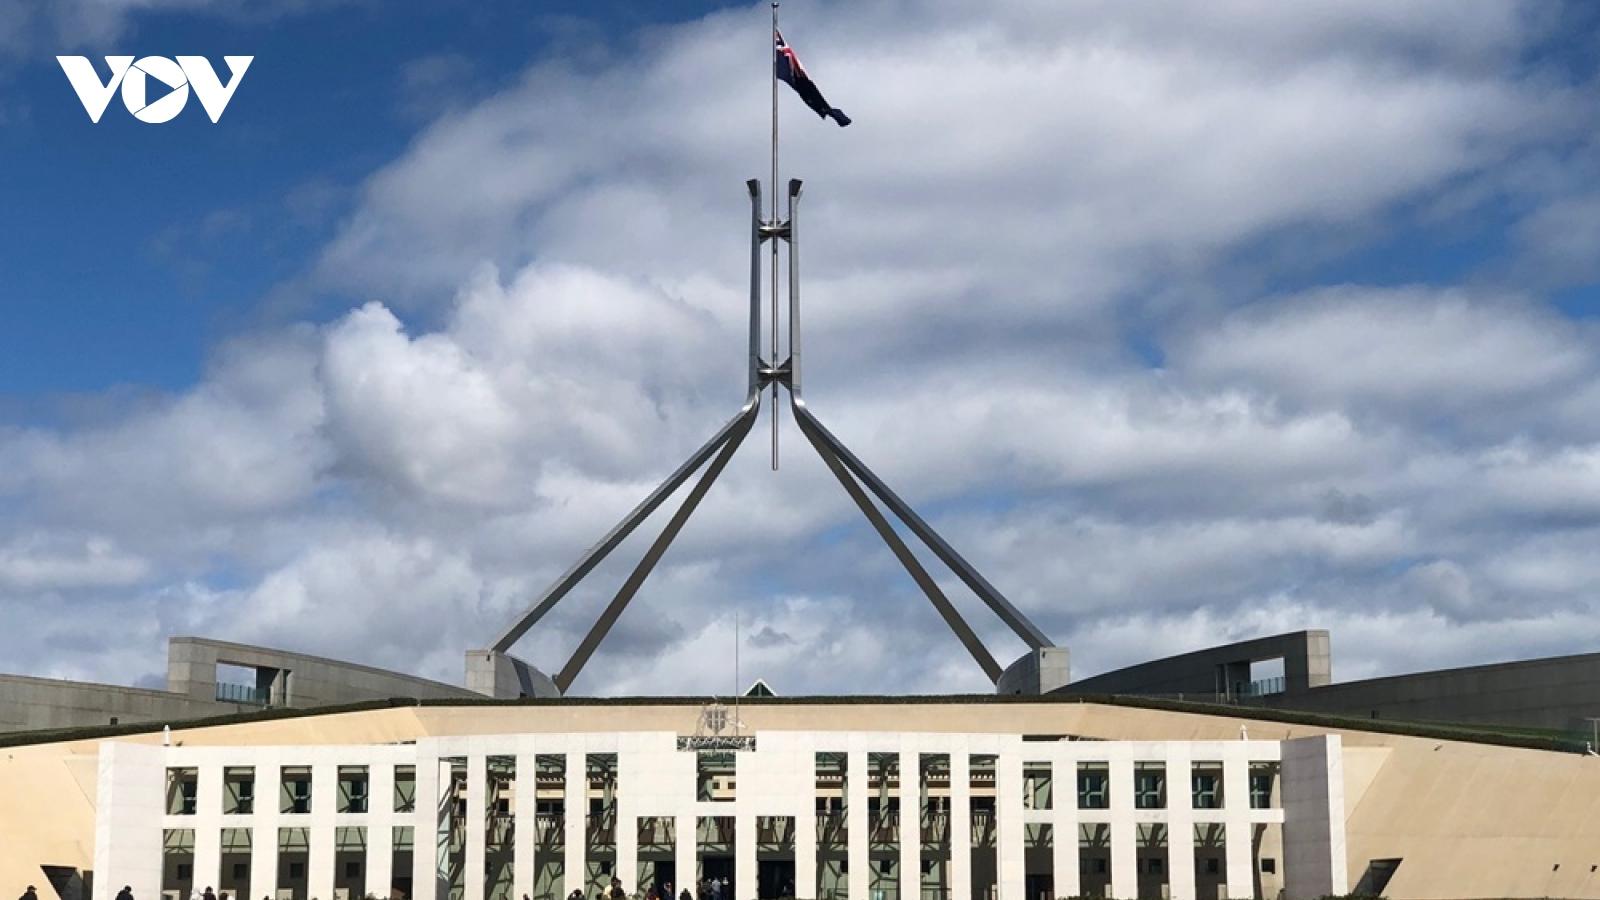 Quốc hội Australia tăng cường các biện pháp an ninh mạng